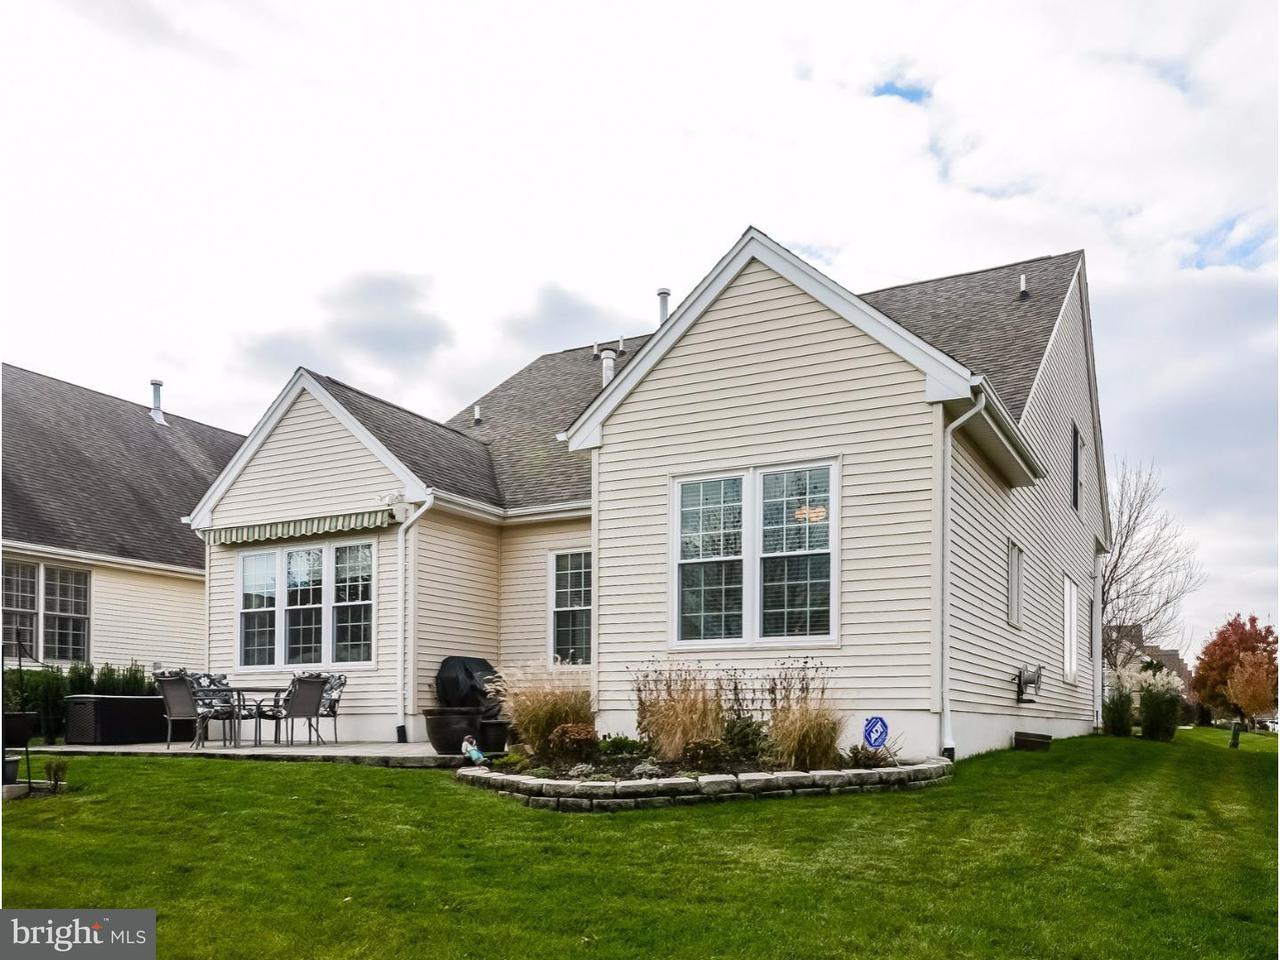 Частный односемейный дом для того Продажа на 8 HANCOCK Place Somerset, Нью-Джерси 08873 Соединенные ШтатыВ/Около: Franklin Twp